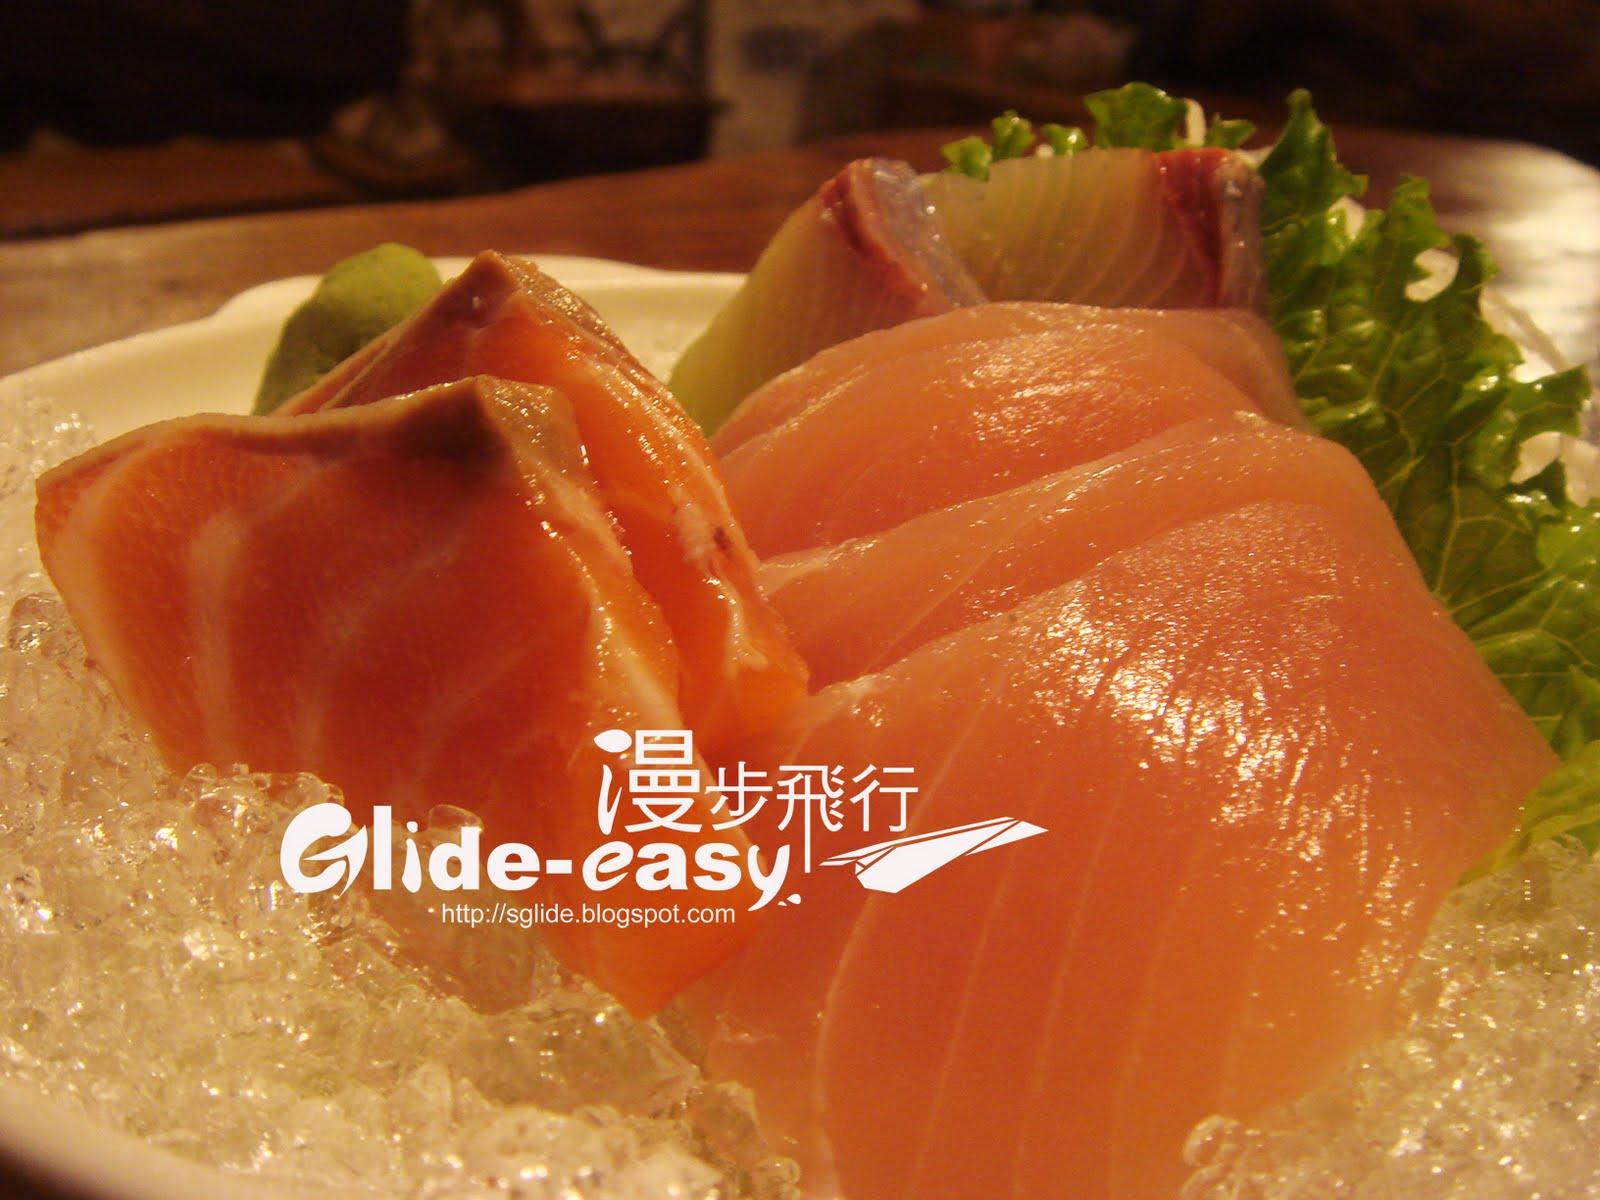 Glide-easy: 臺中 港町十三番